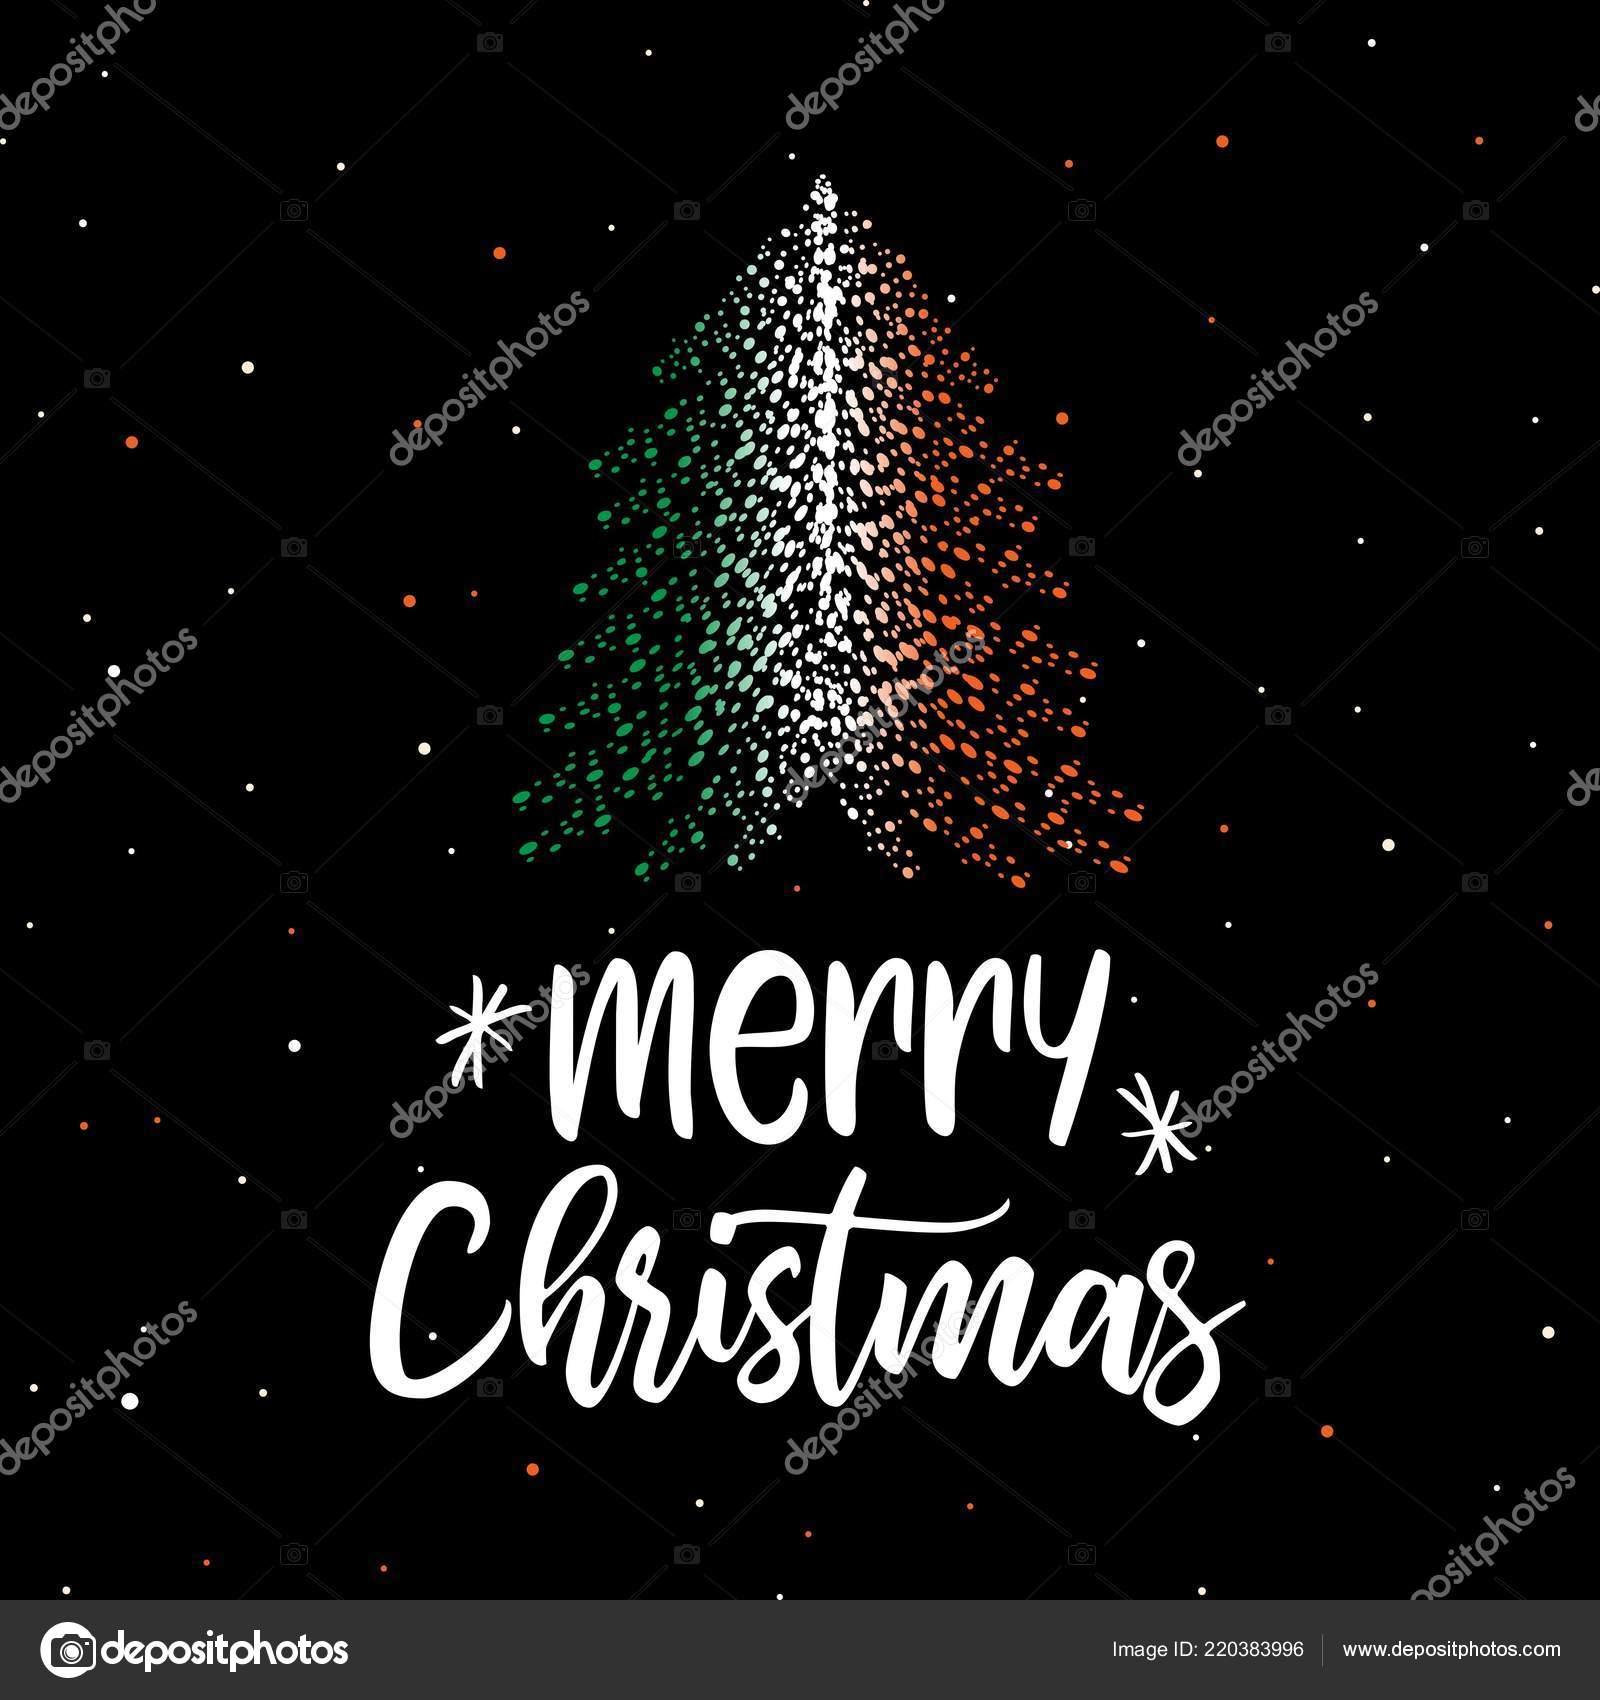 Merry Christmas In Irish.Merry Christmas Christmas Tree Irish Flag Stock Vector